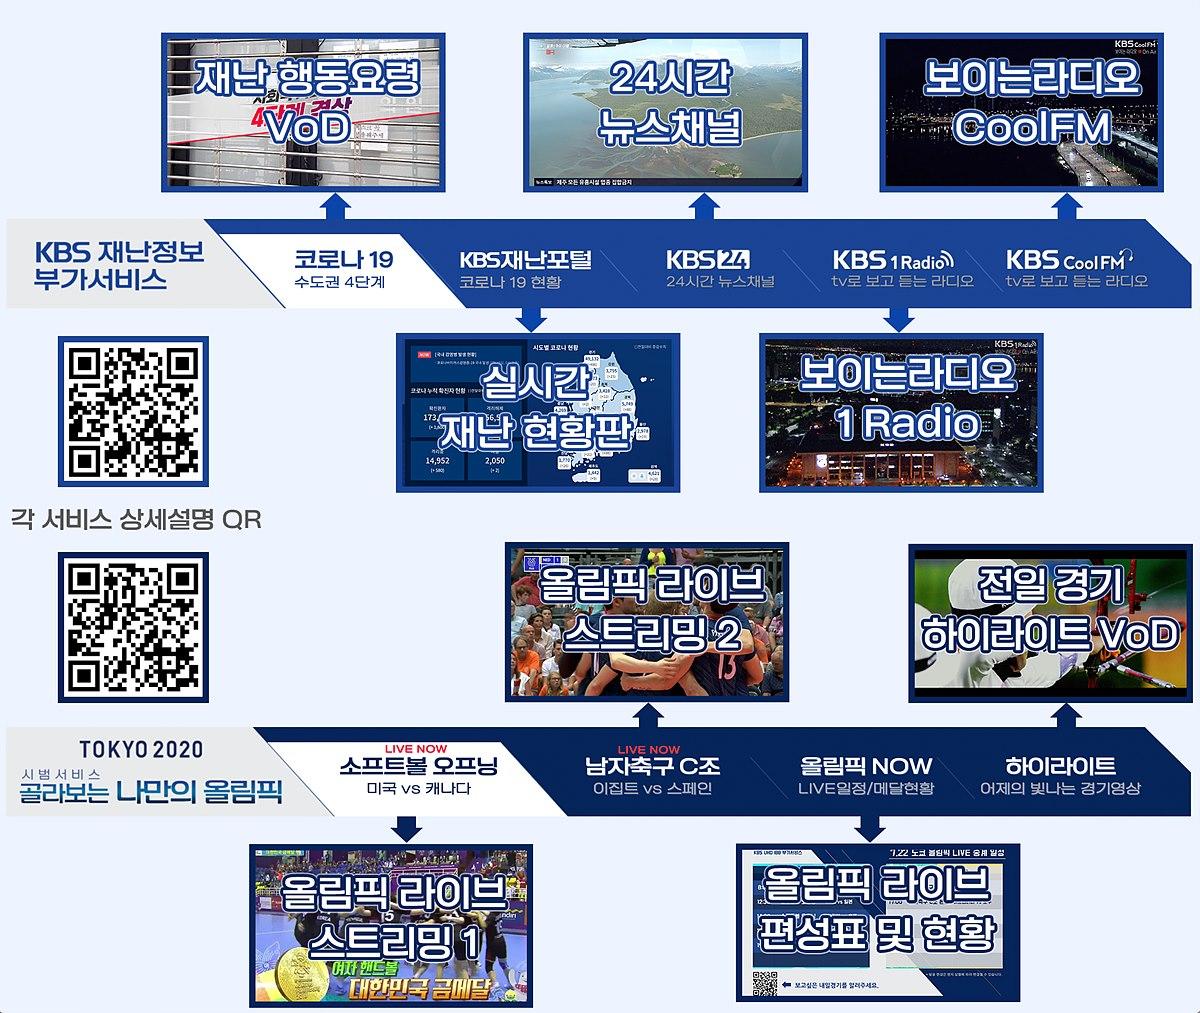 KBS 재난정보 부가서비스와 양방향 IBB 부가서비스 콘텐츠 설명